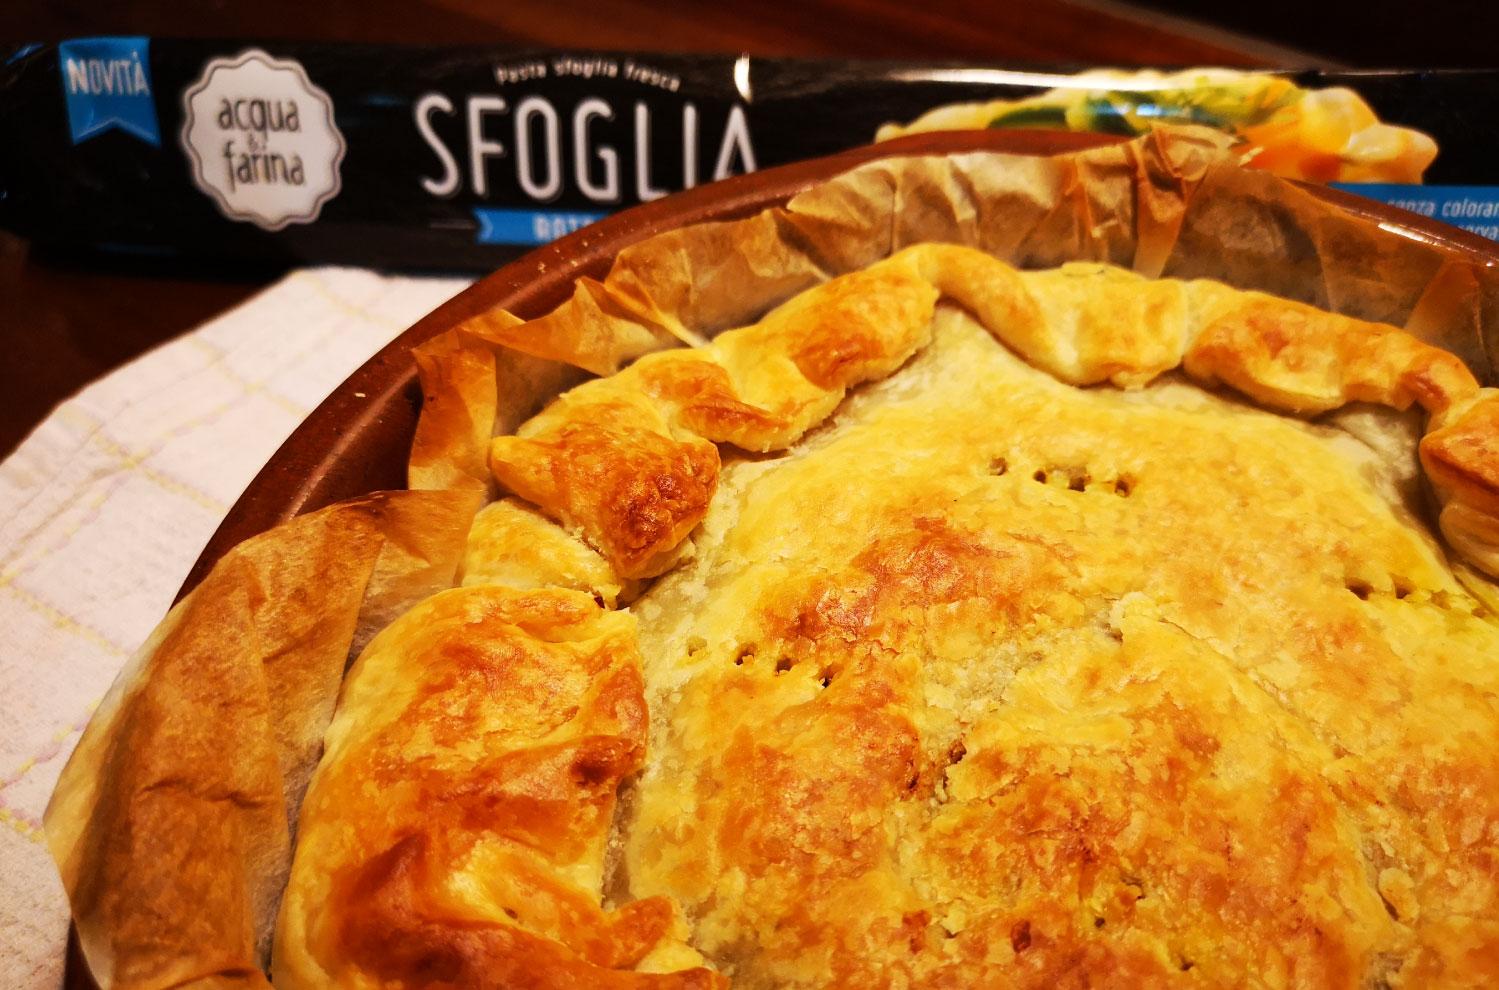 acqua-farina-mixed-veg-and-mango-chutney-pie-main